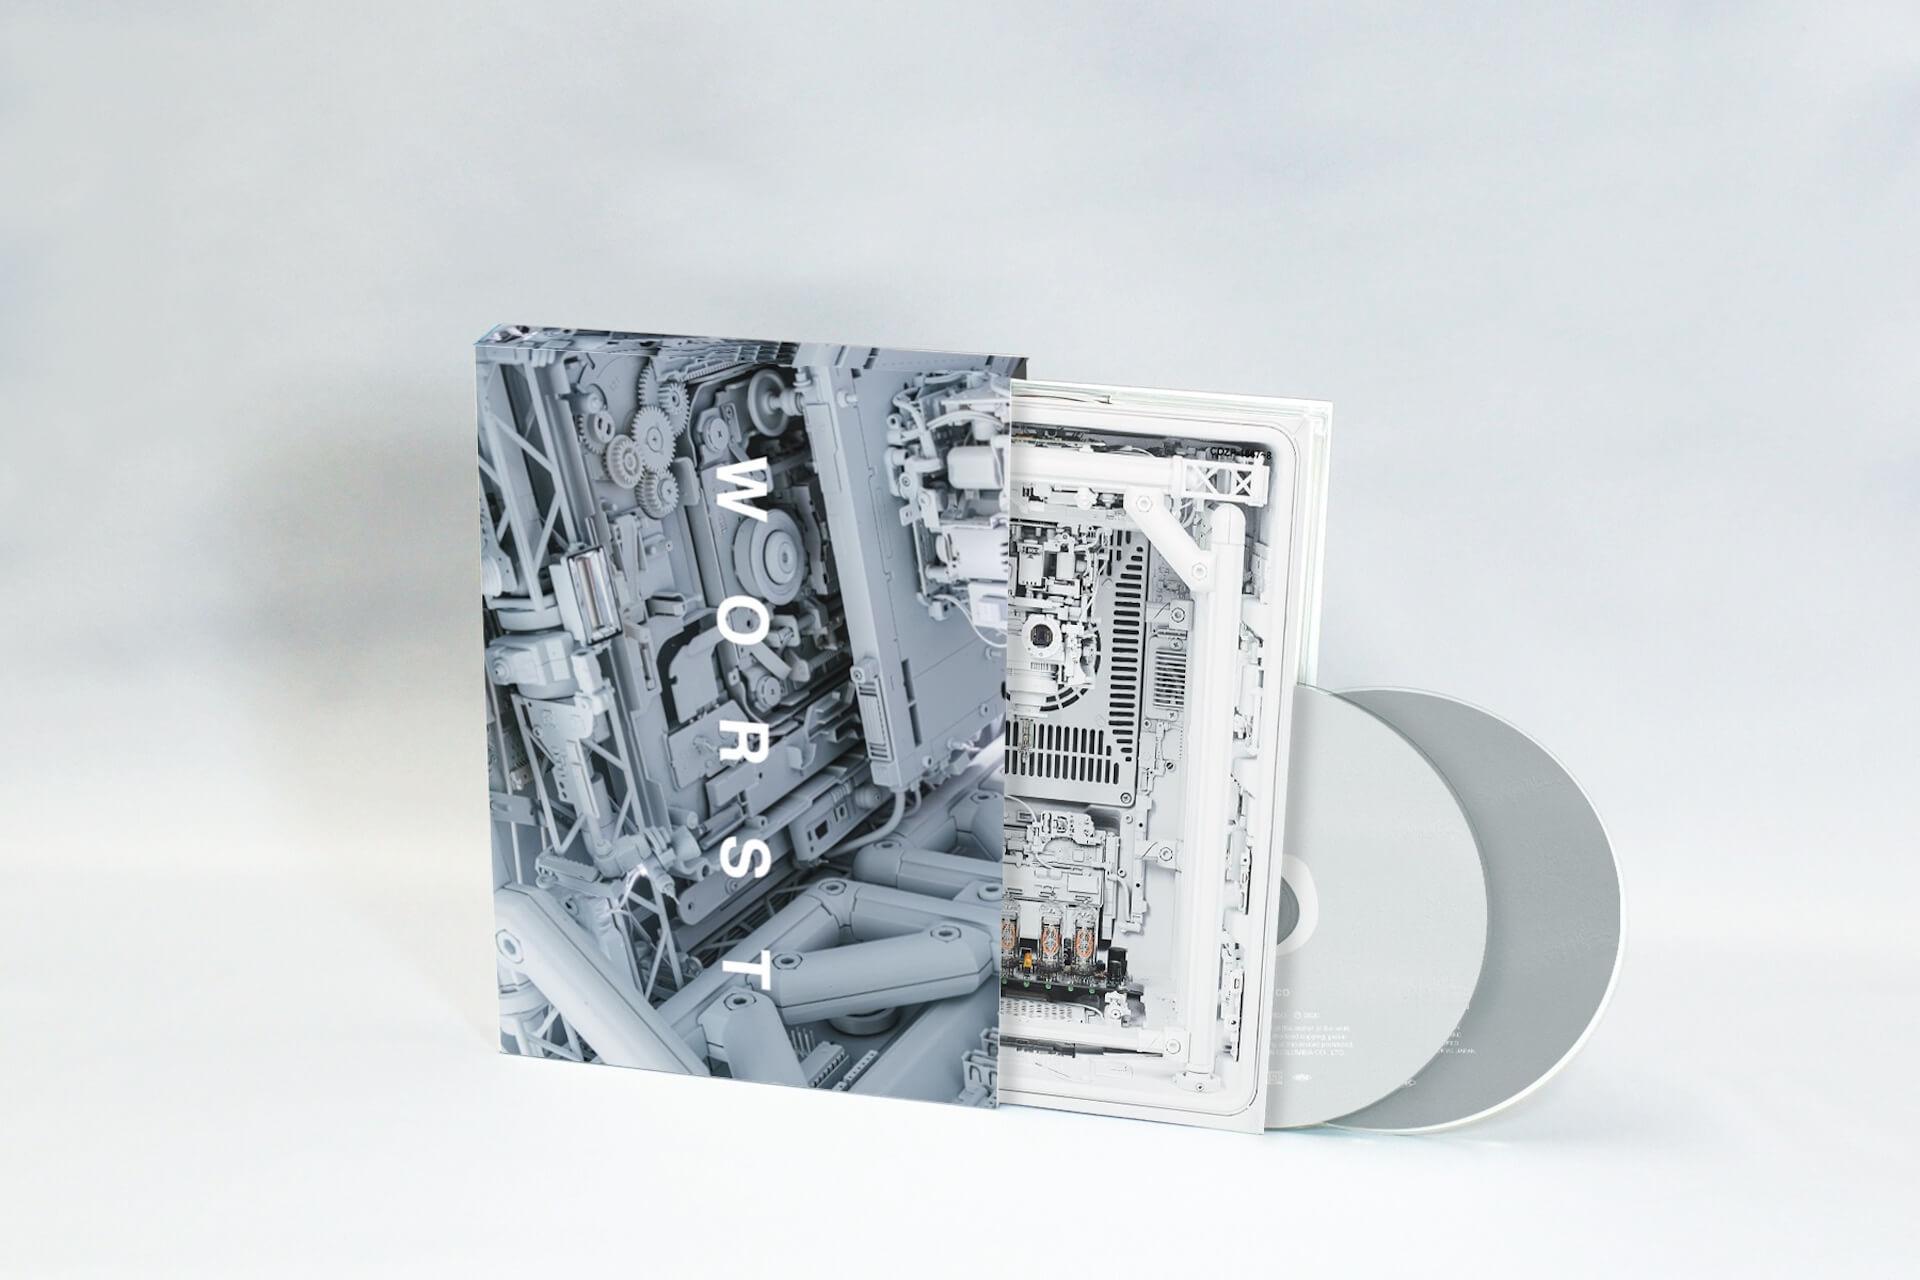 現在の活動から引退を発表したKOHHがニューアルバム『worst』を発表|引退表明した<KOHH Live in Concert>完全収録のコンプリートボックスも music200305_kohh_4